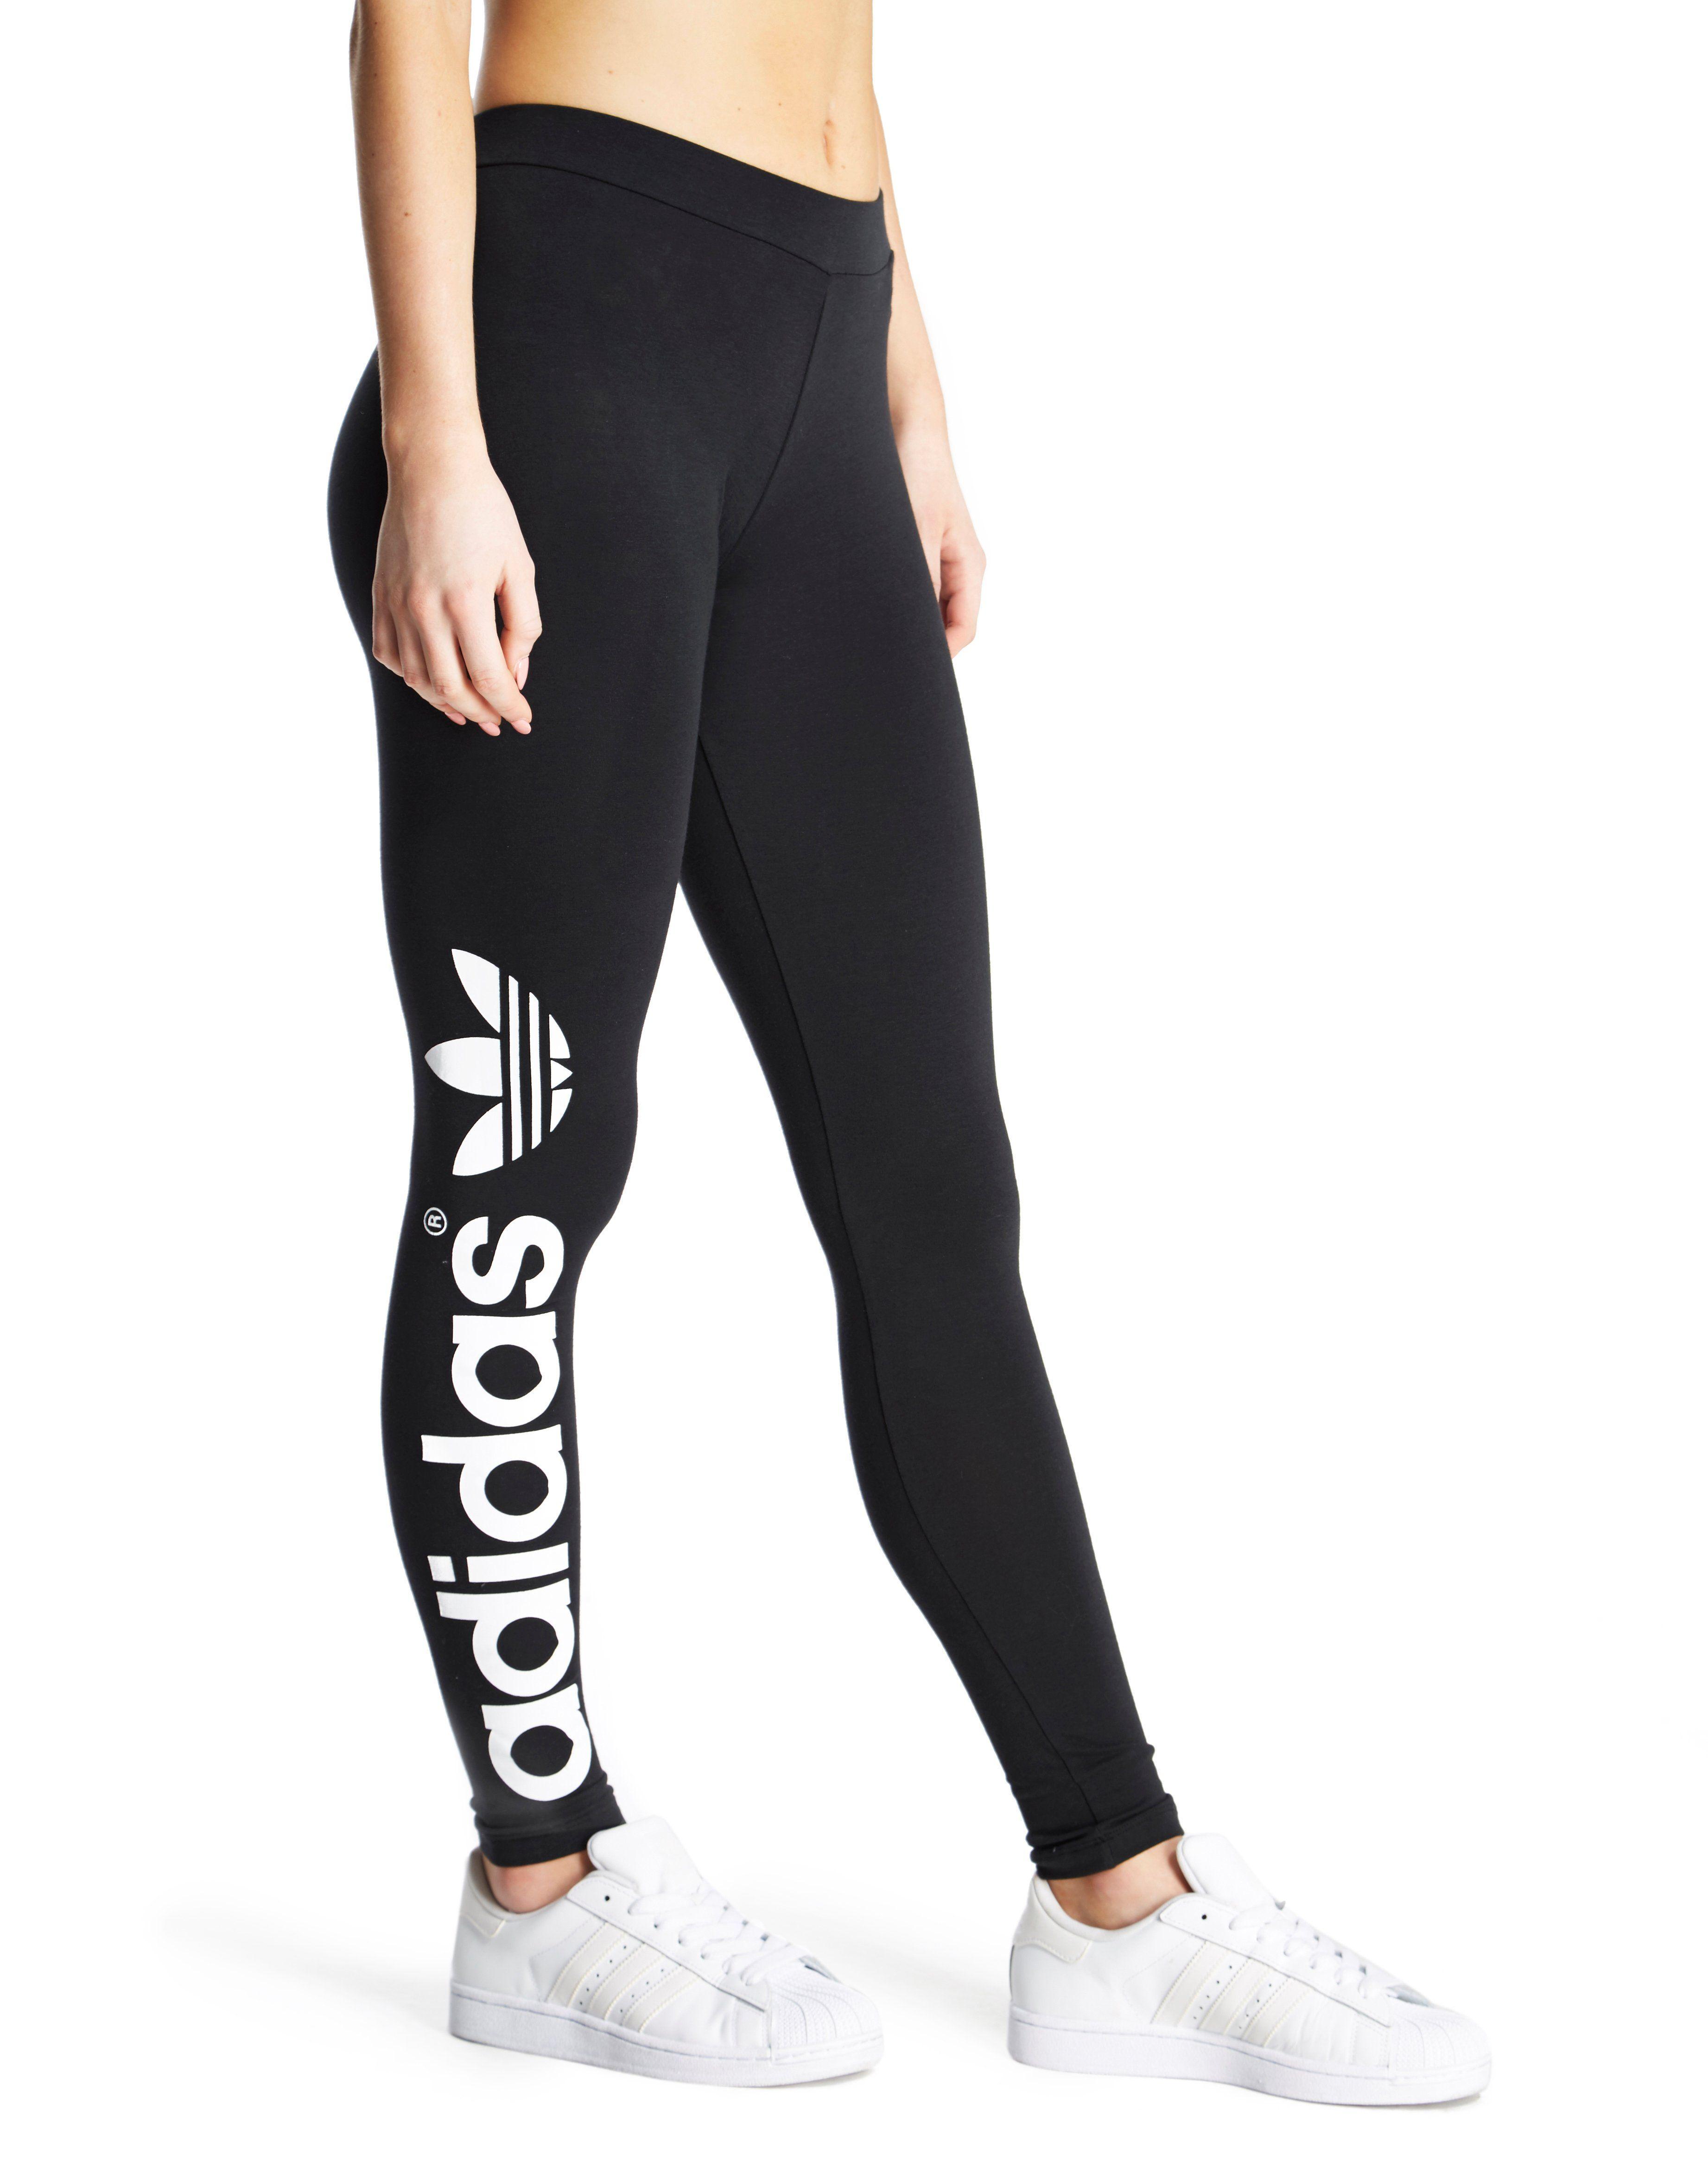 adidas originals trefoil leggings jd sports. Black Bedroom Furniture Sets. Home Design Ideas